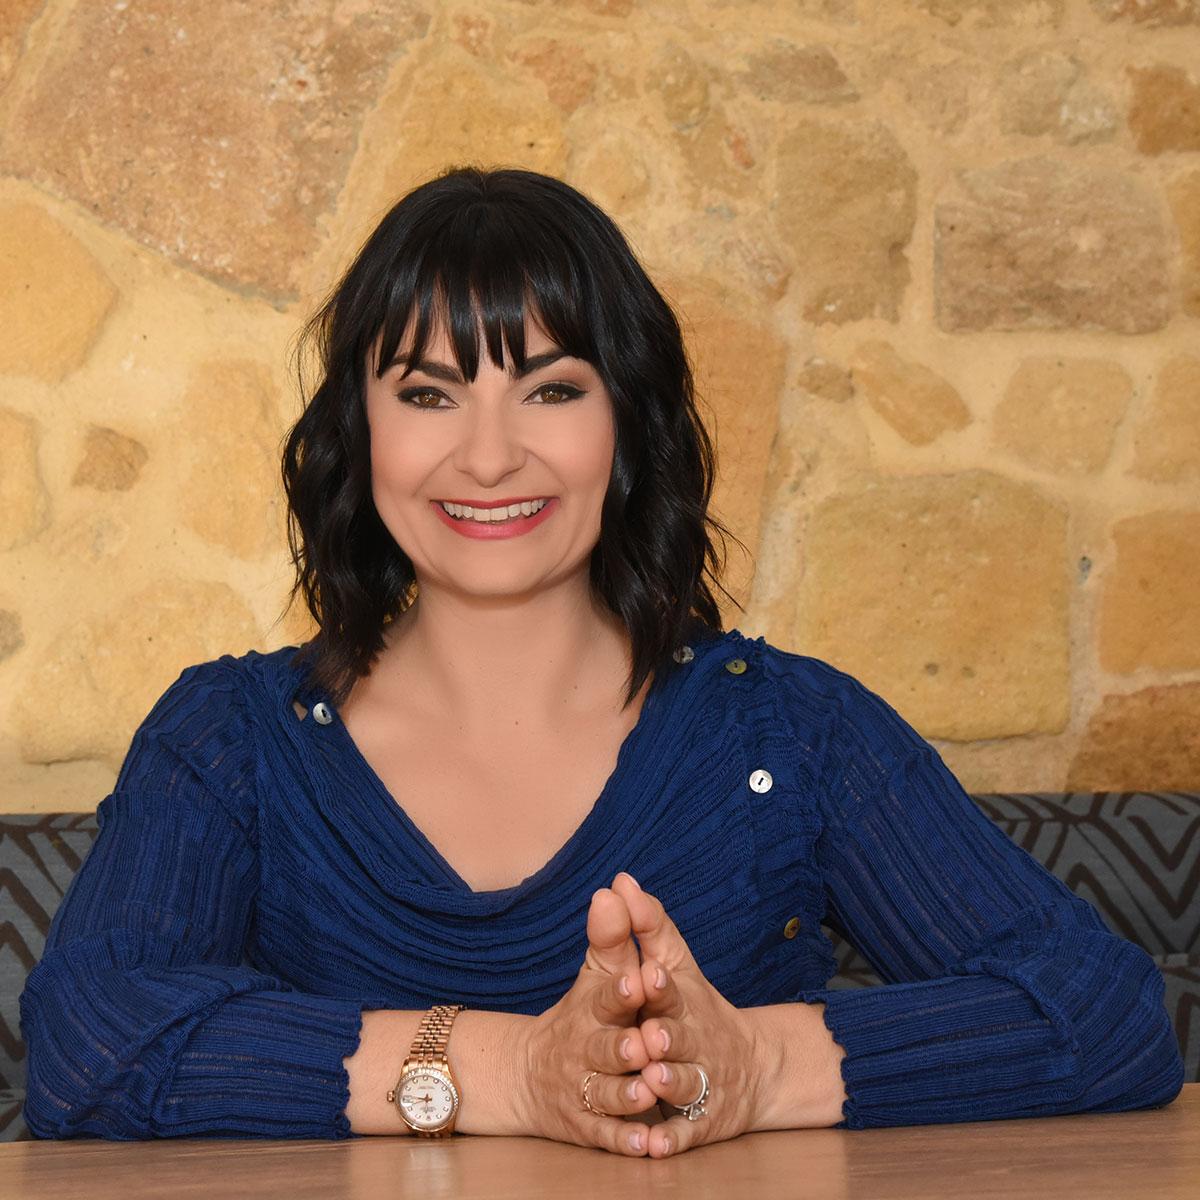 Global Academy of Coaching - Jill Douka, Founder